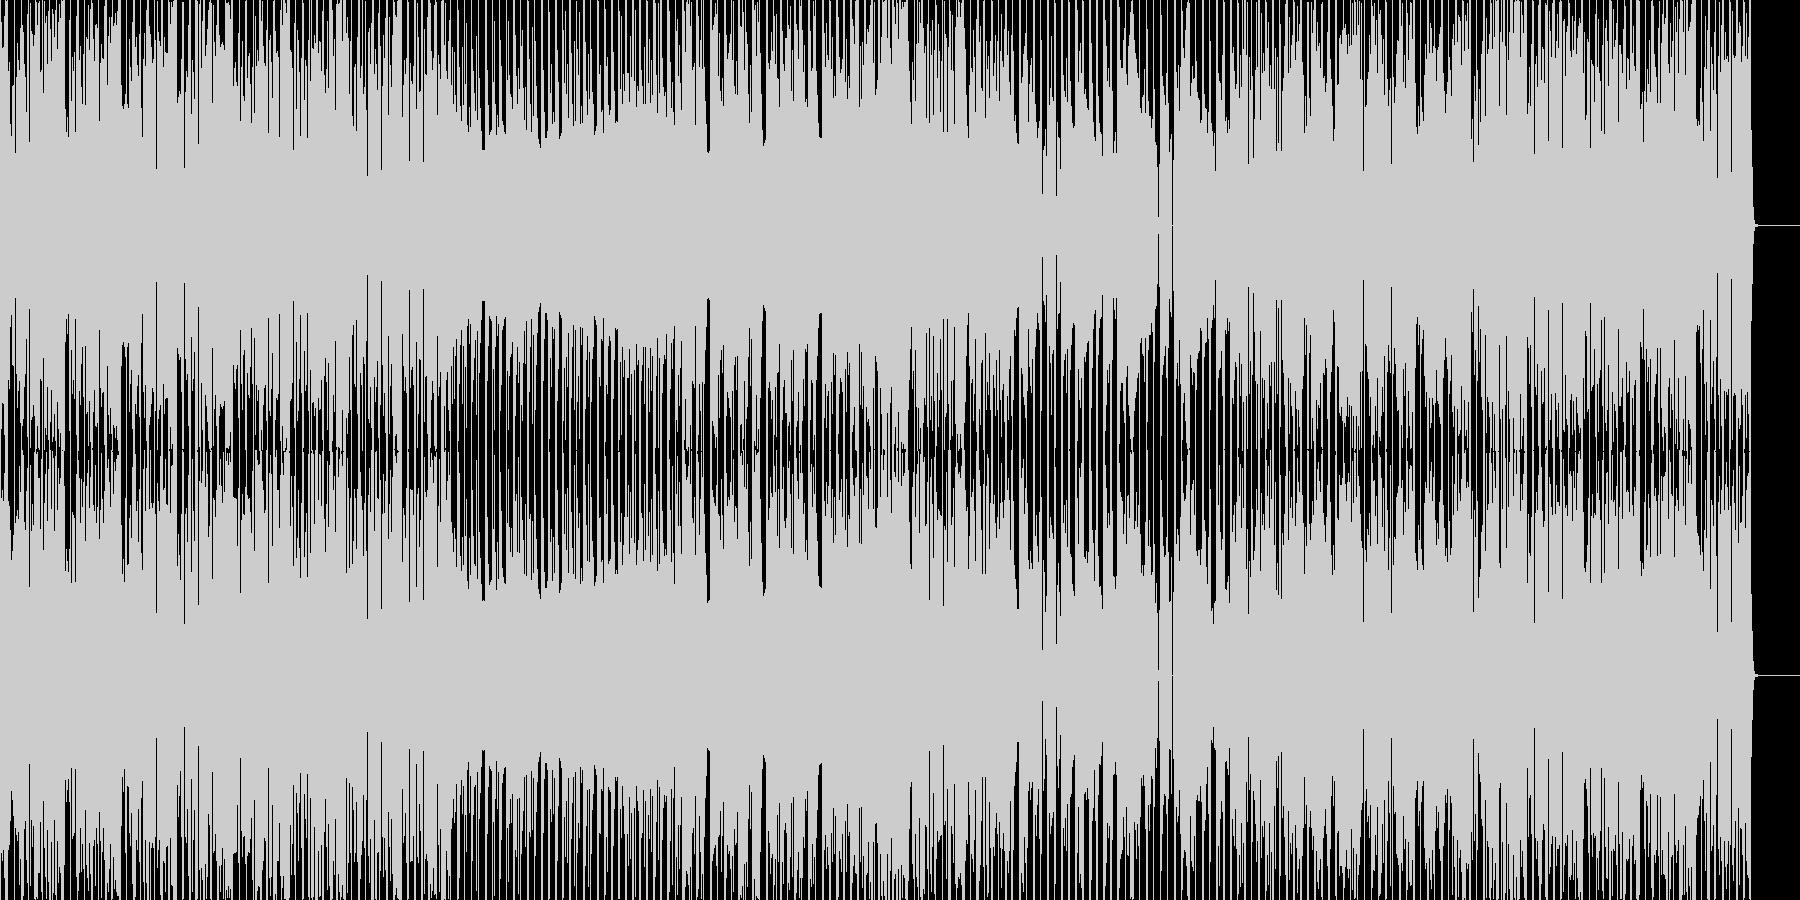 オリエンタル、エキゾチック/ダブステップの未再生の波形